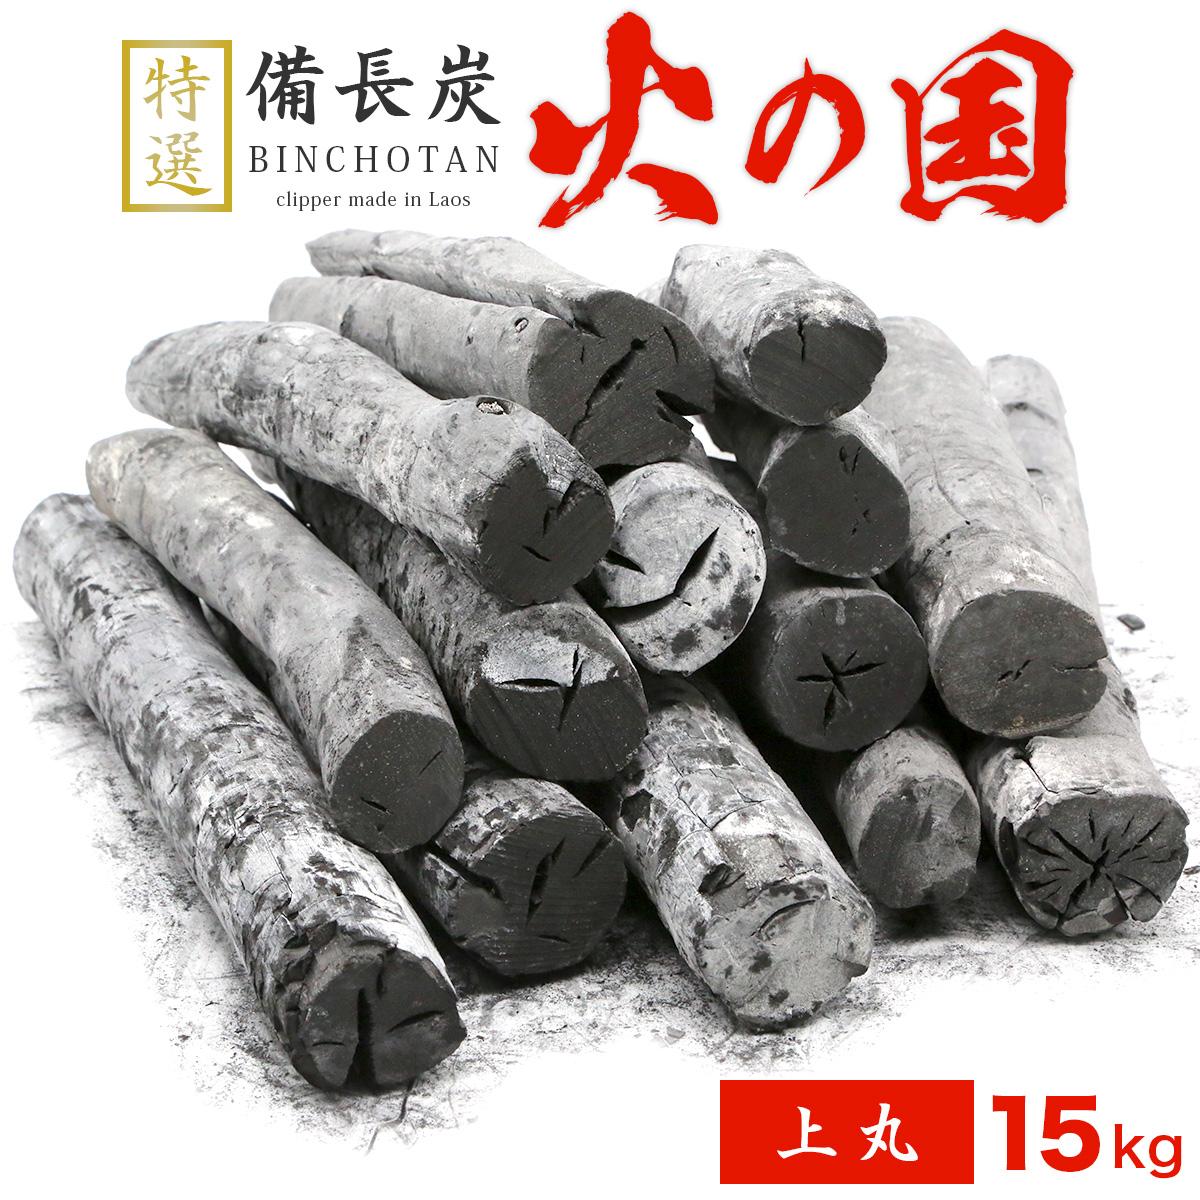 火の国備長炭(ラオス産) 上丸 15kg 長さ 20〜27cm / 直径 3〜4.5cm Lサイズ(鰻)